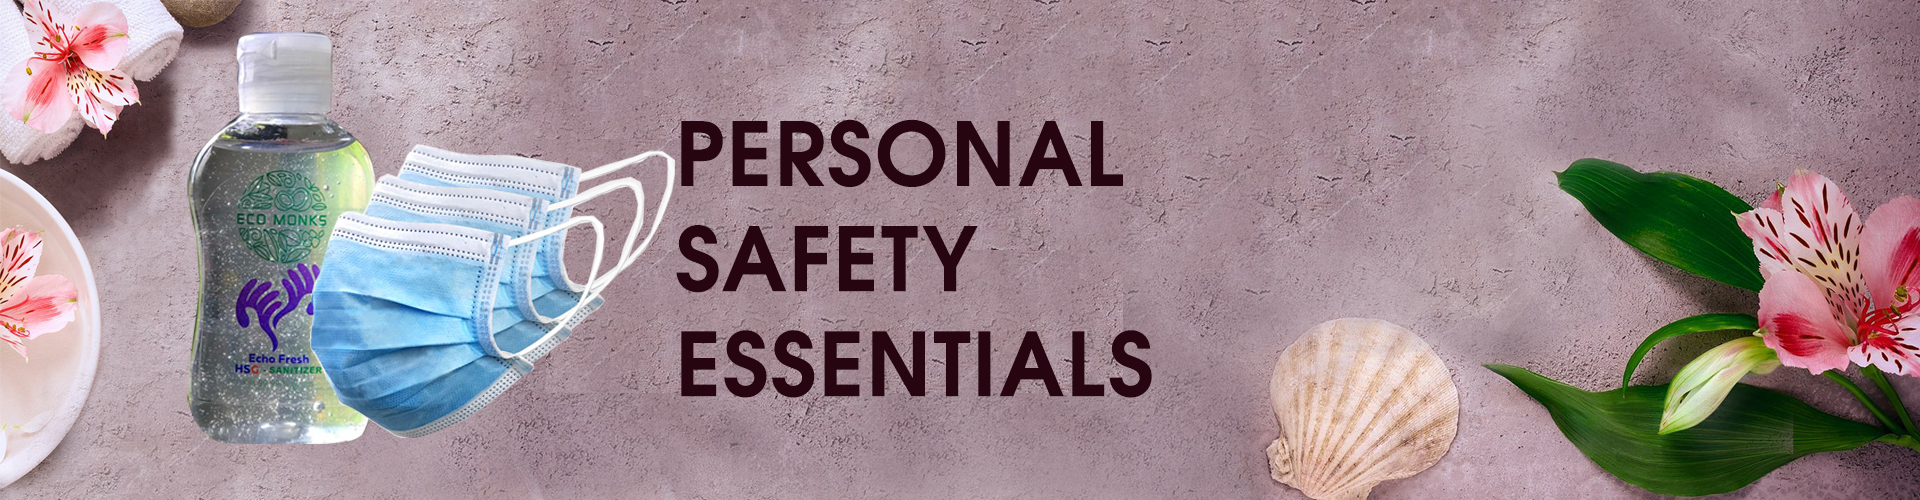 Personal Safety Essentials